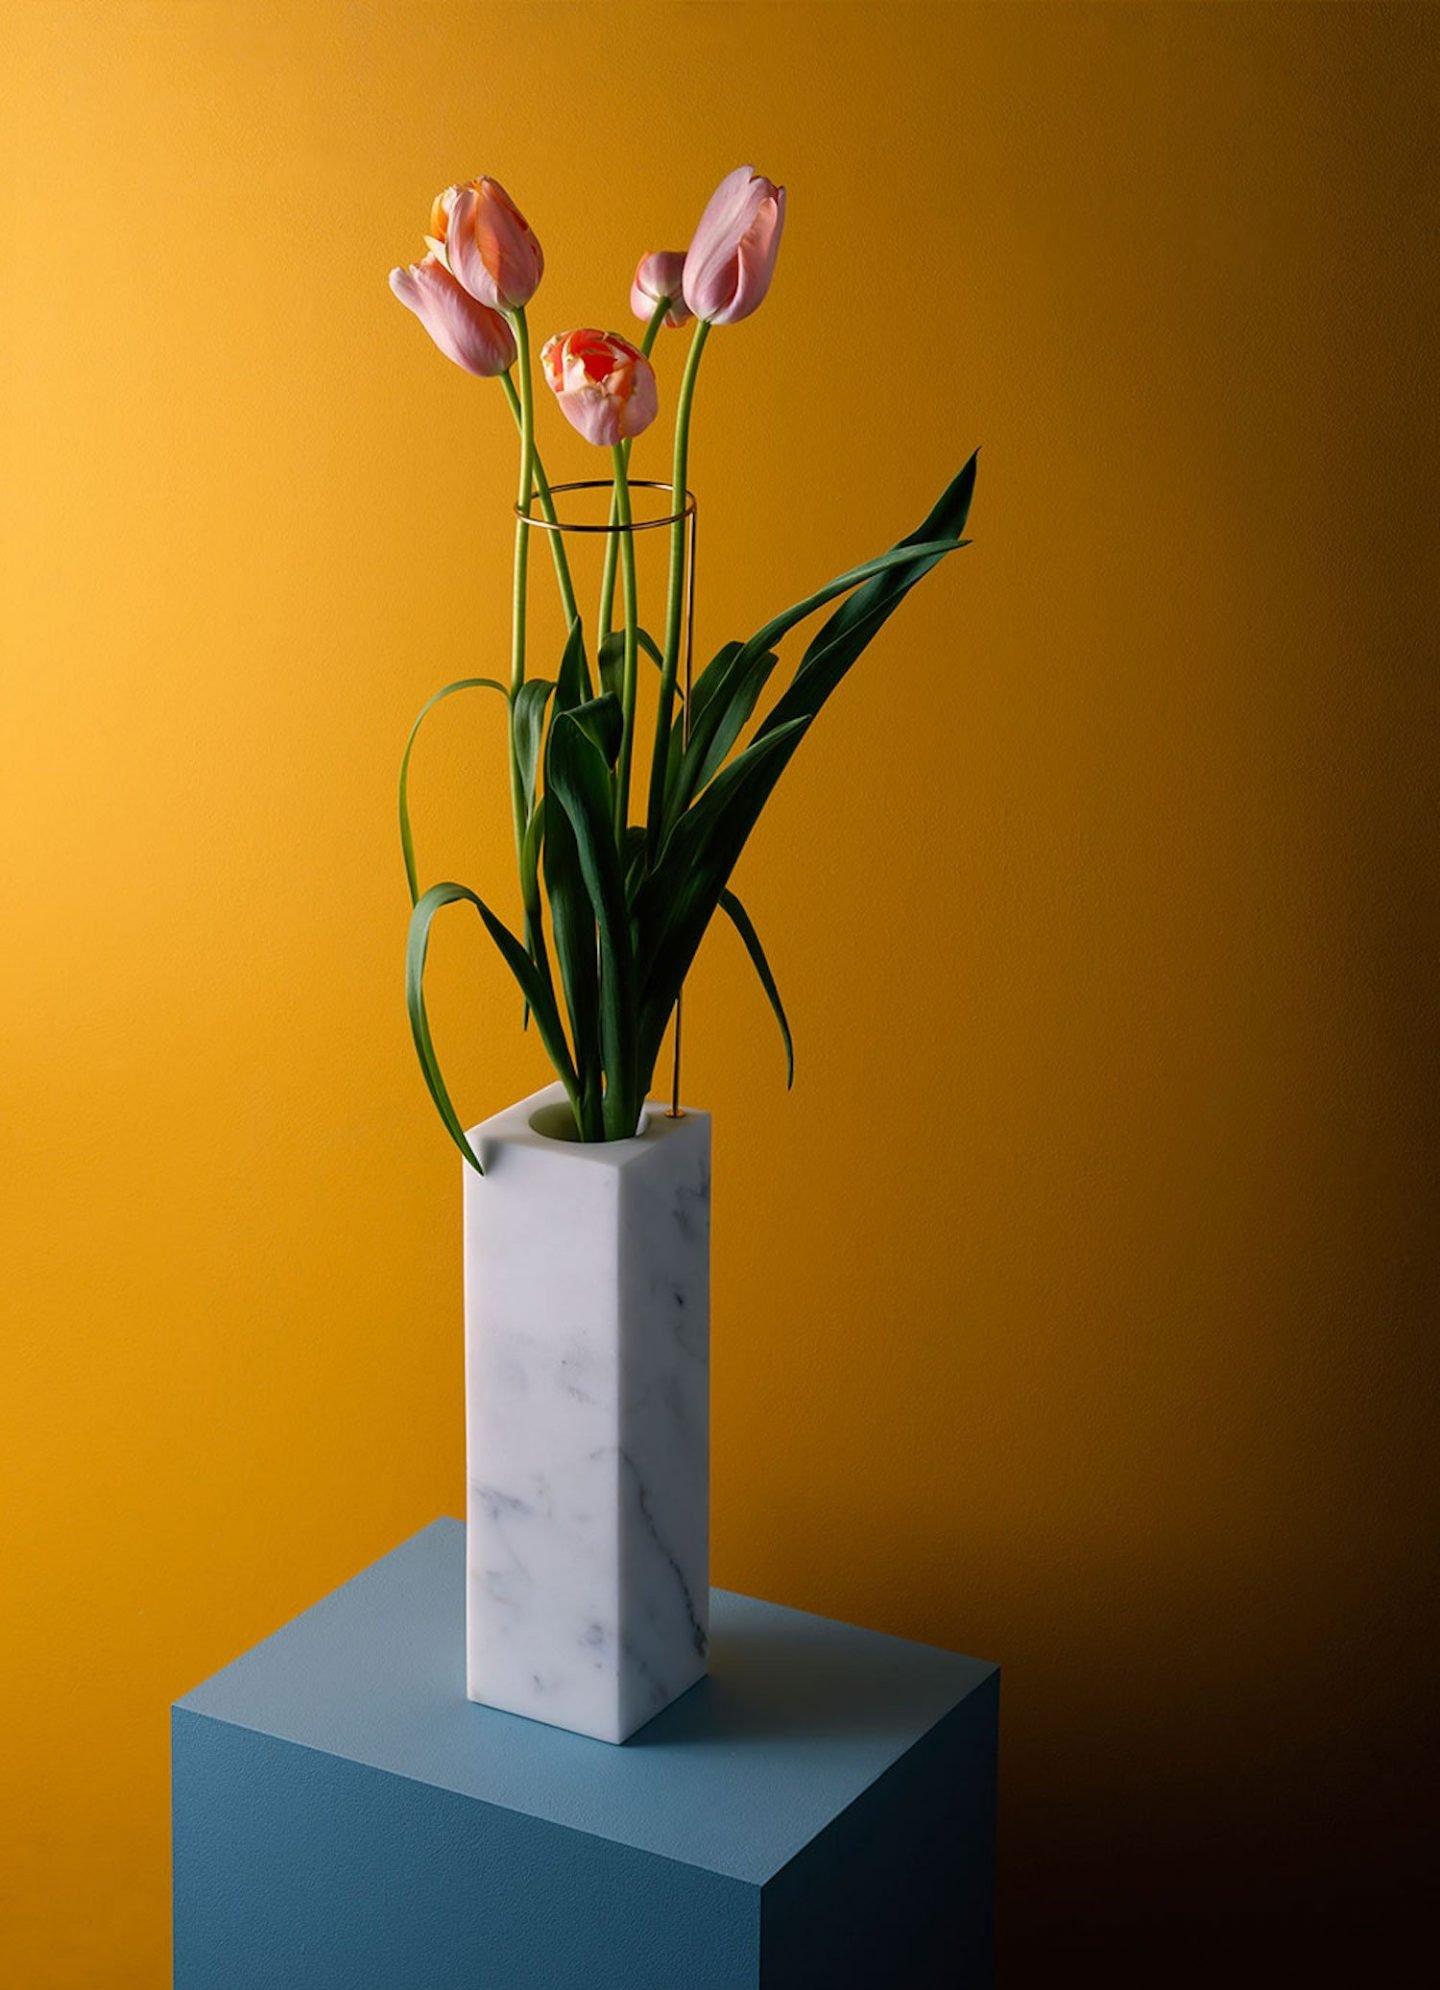 ignant_photo_posture-bloc-studios_03